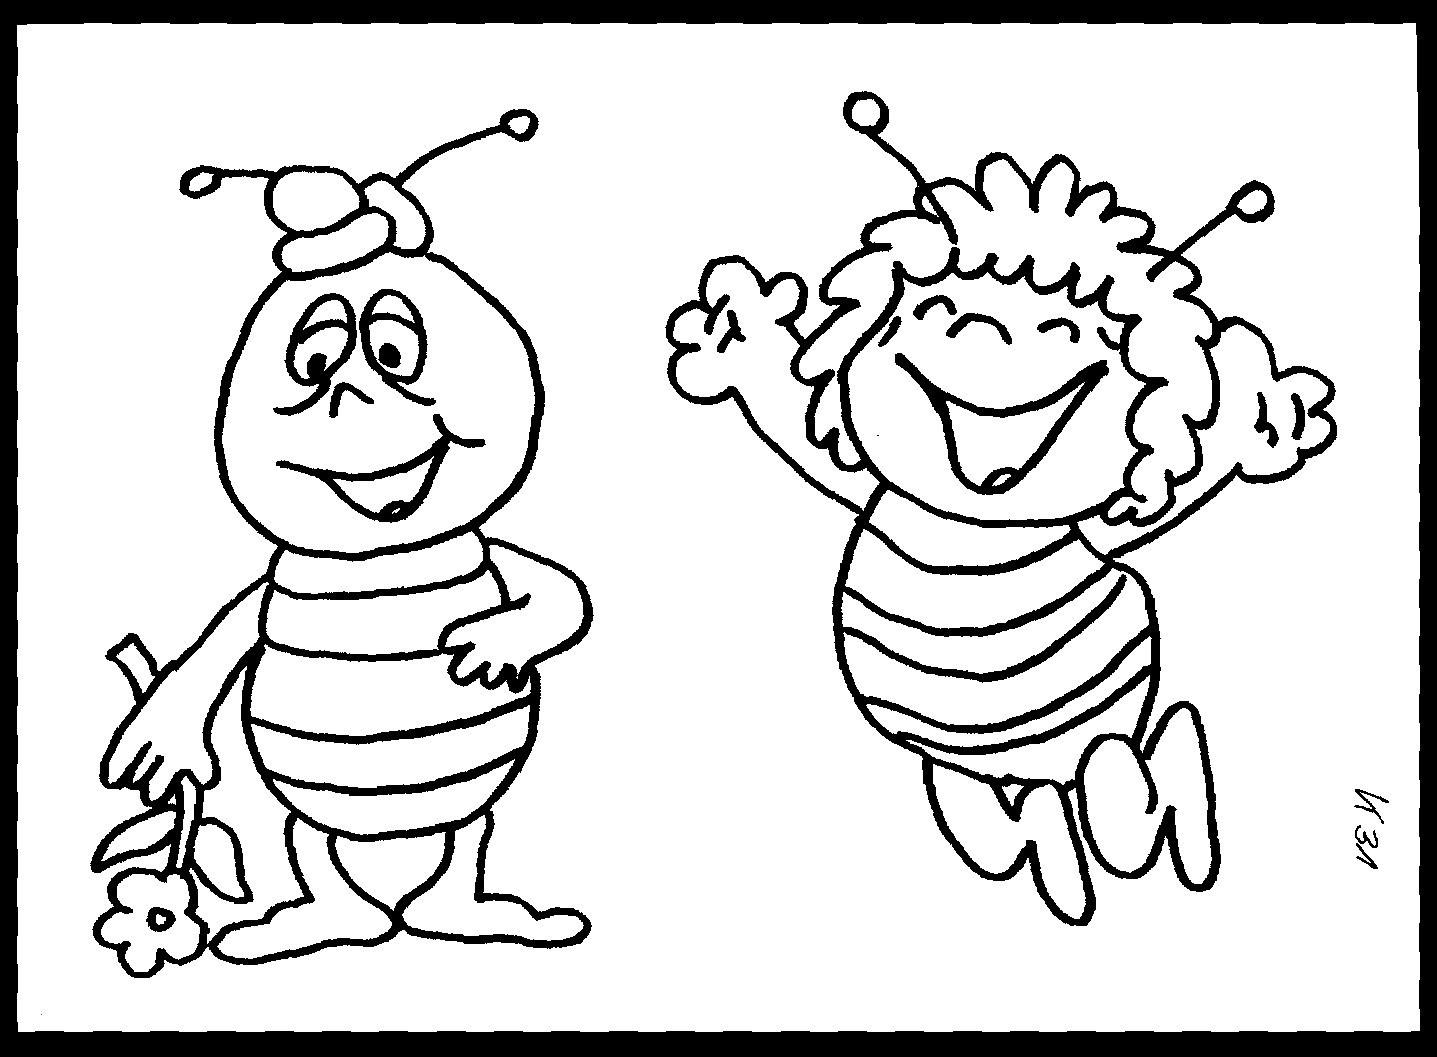 Malvorlagen Biene Maja Frisch Biene Maja Ausmalbild & Malvorlage sonstiges Schön Malvorlagen Biene Galerie